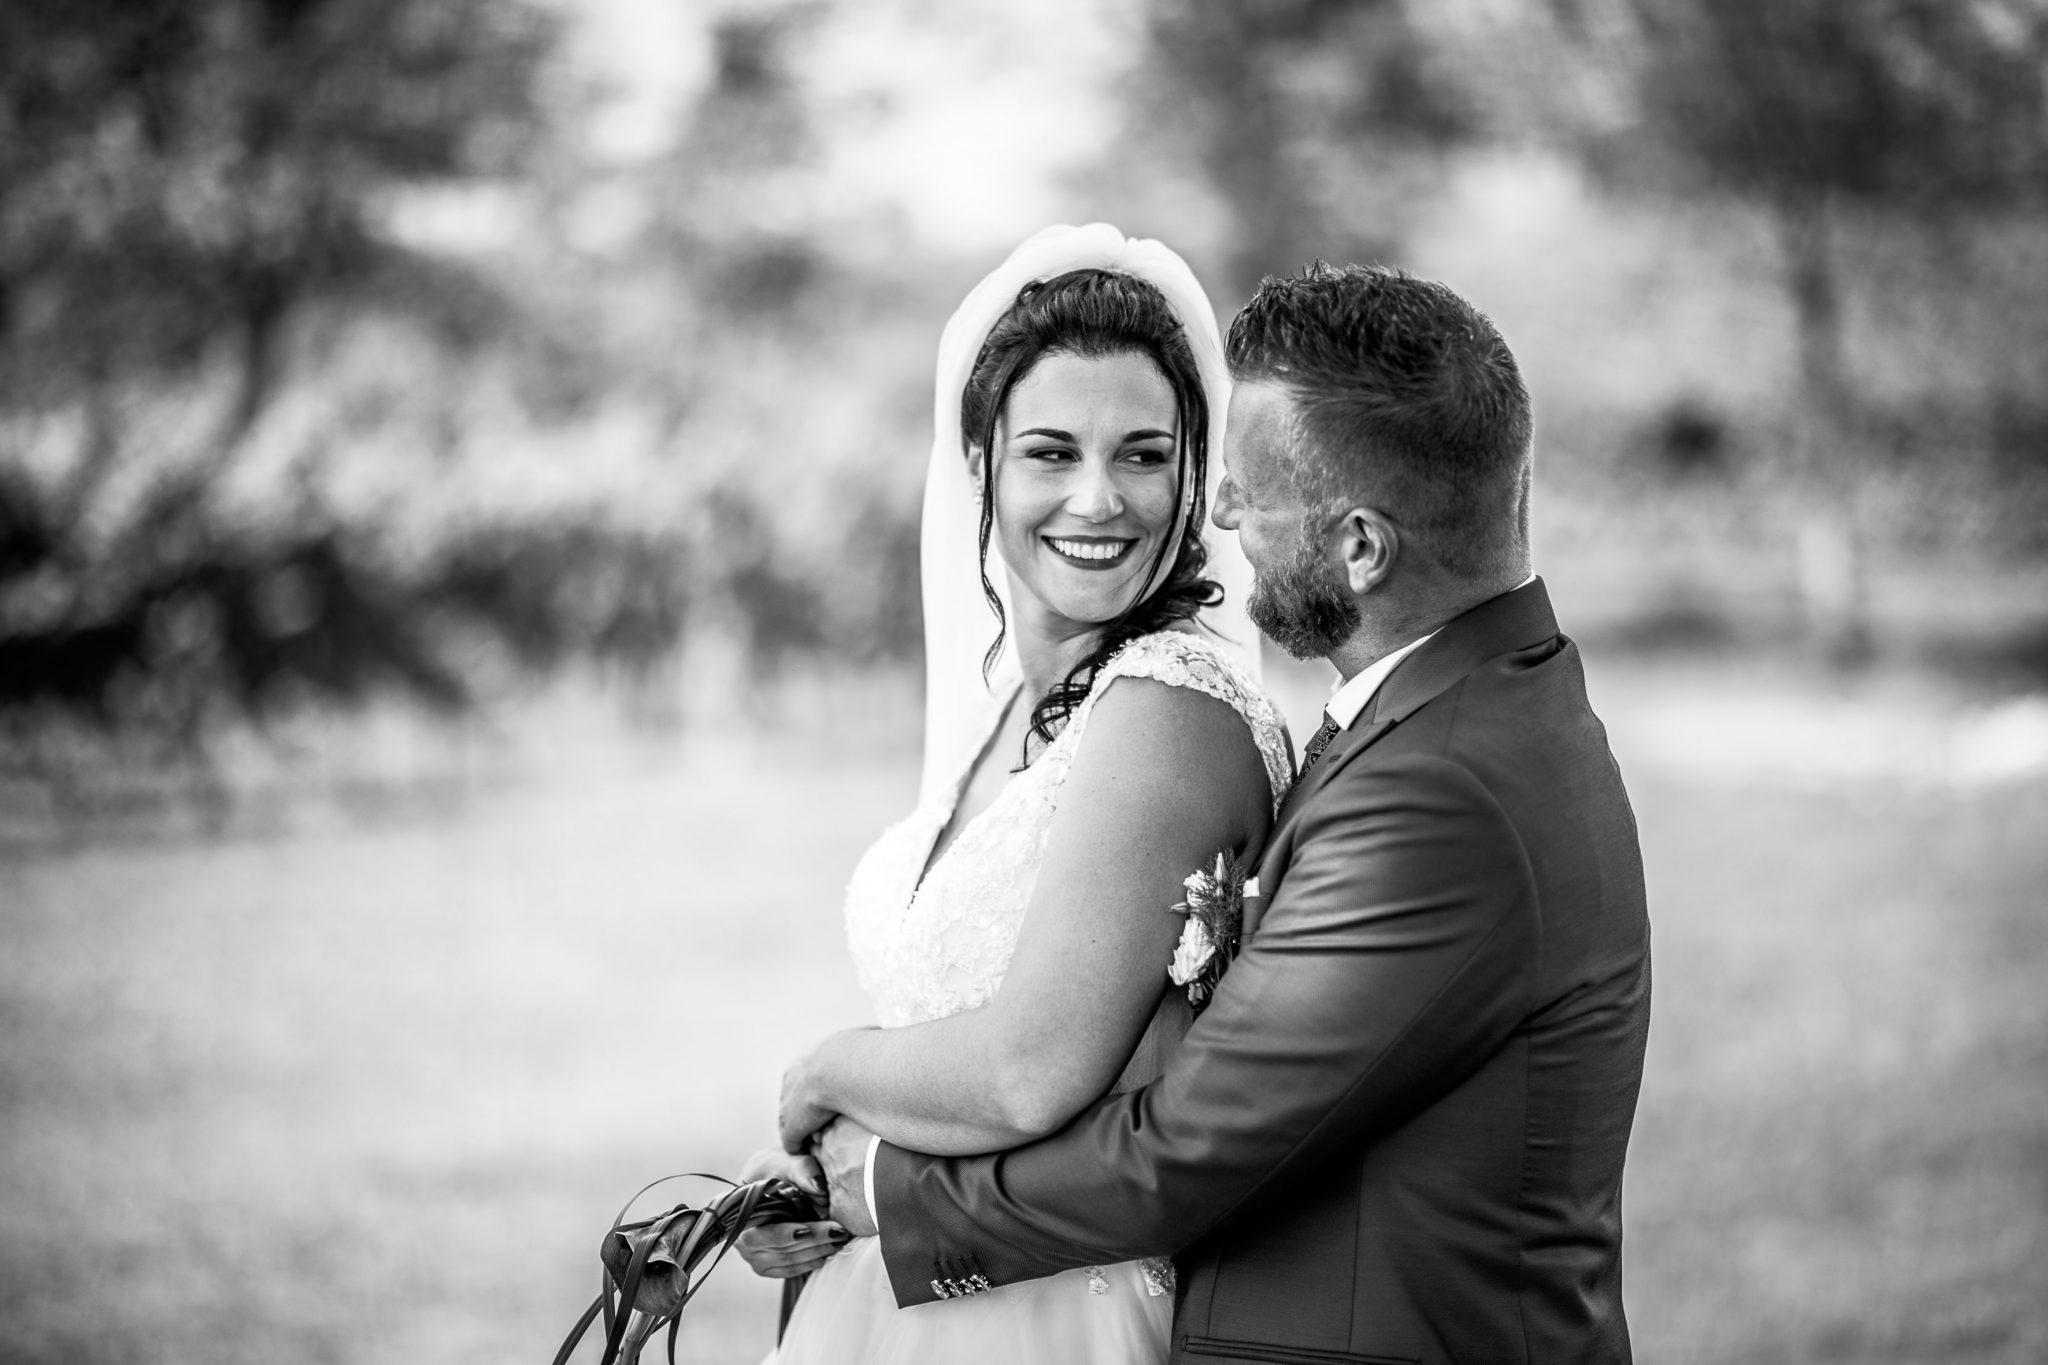 la sposa sorride allo sposo mentre si abbracciano